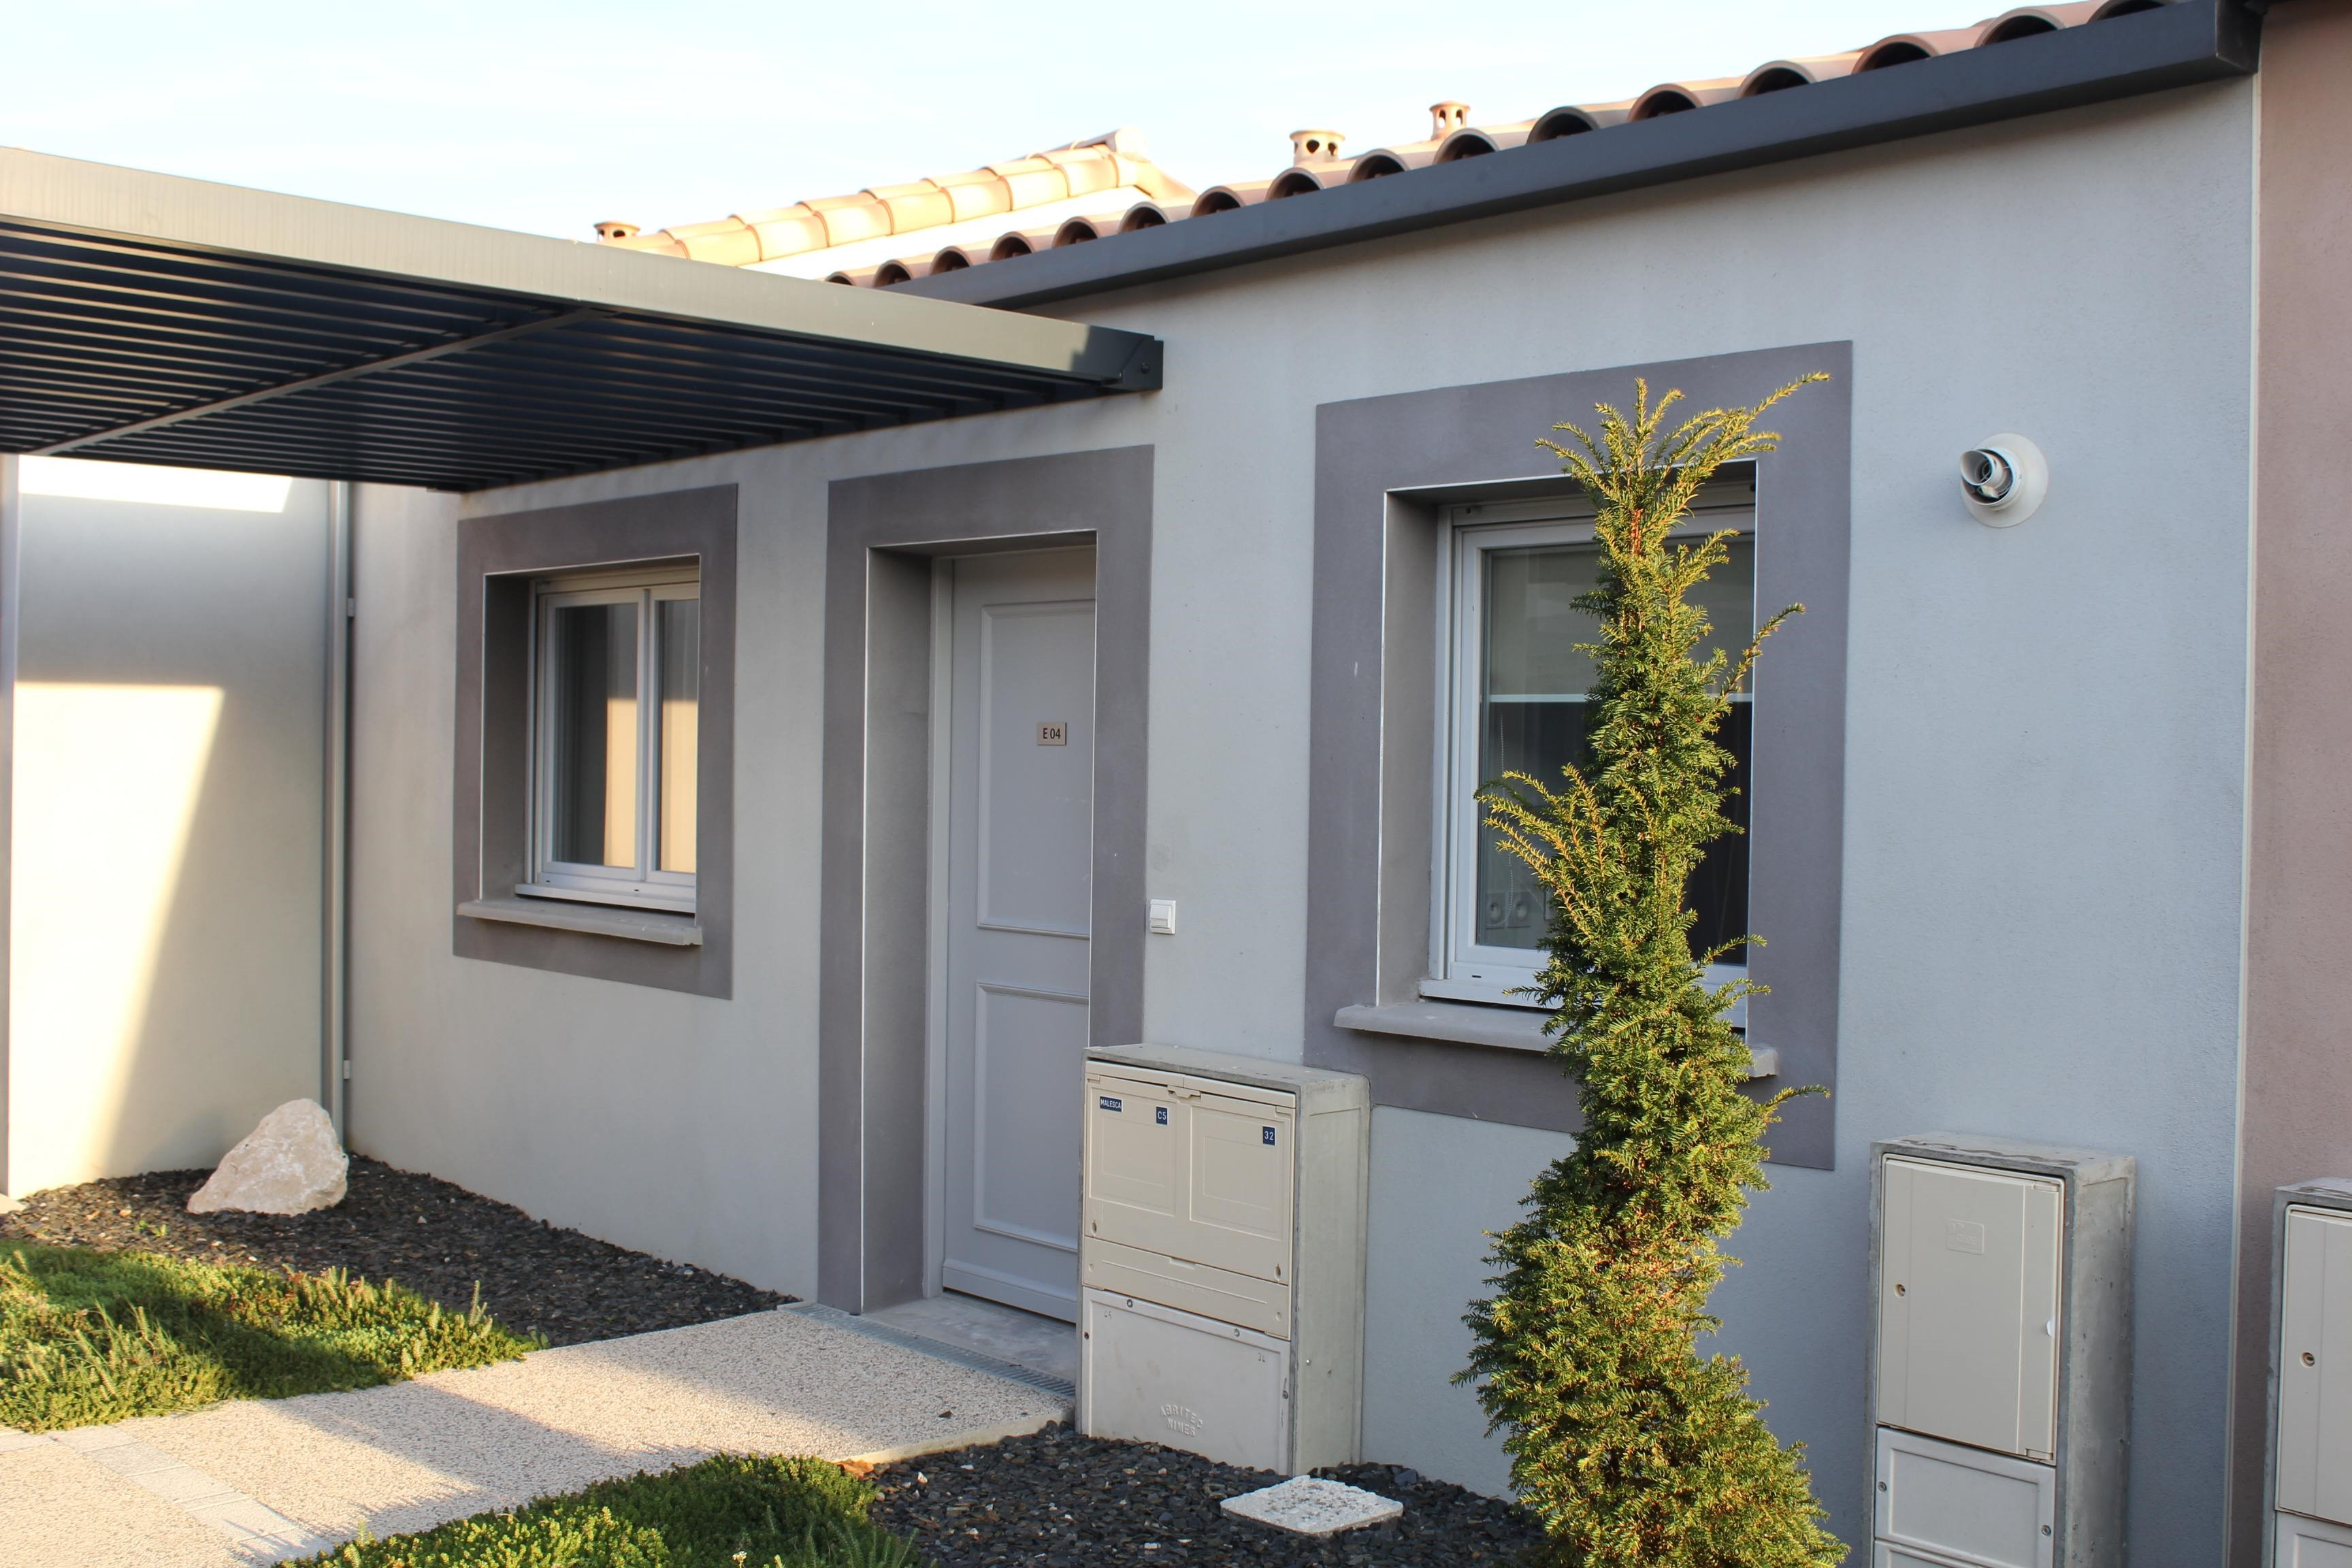 Maison mdicalise pour personnes ages mulhouse stunning maison mdicalise pour personnes ages - Piscine contemporaine lyon mulhouse ...